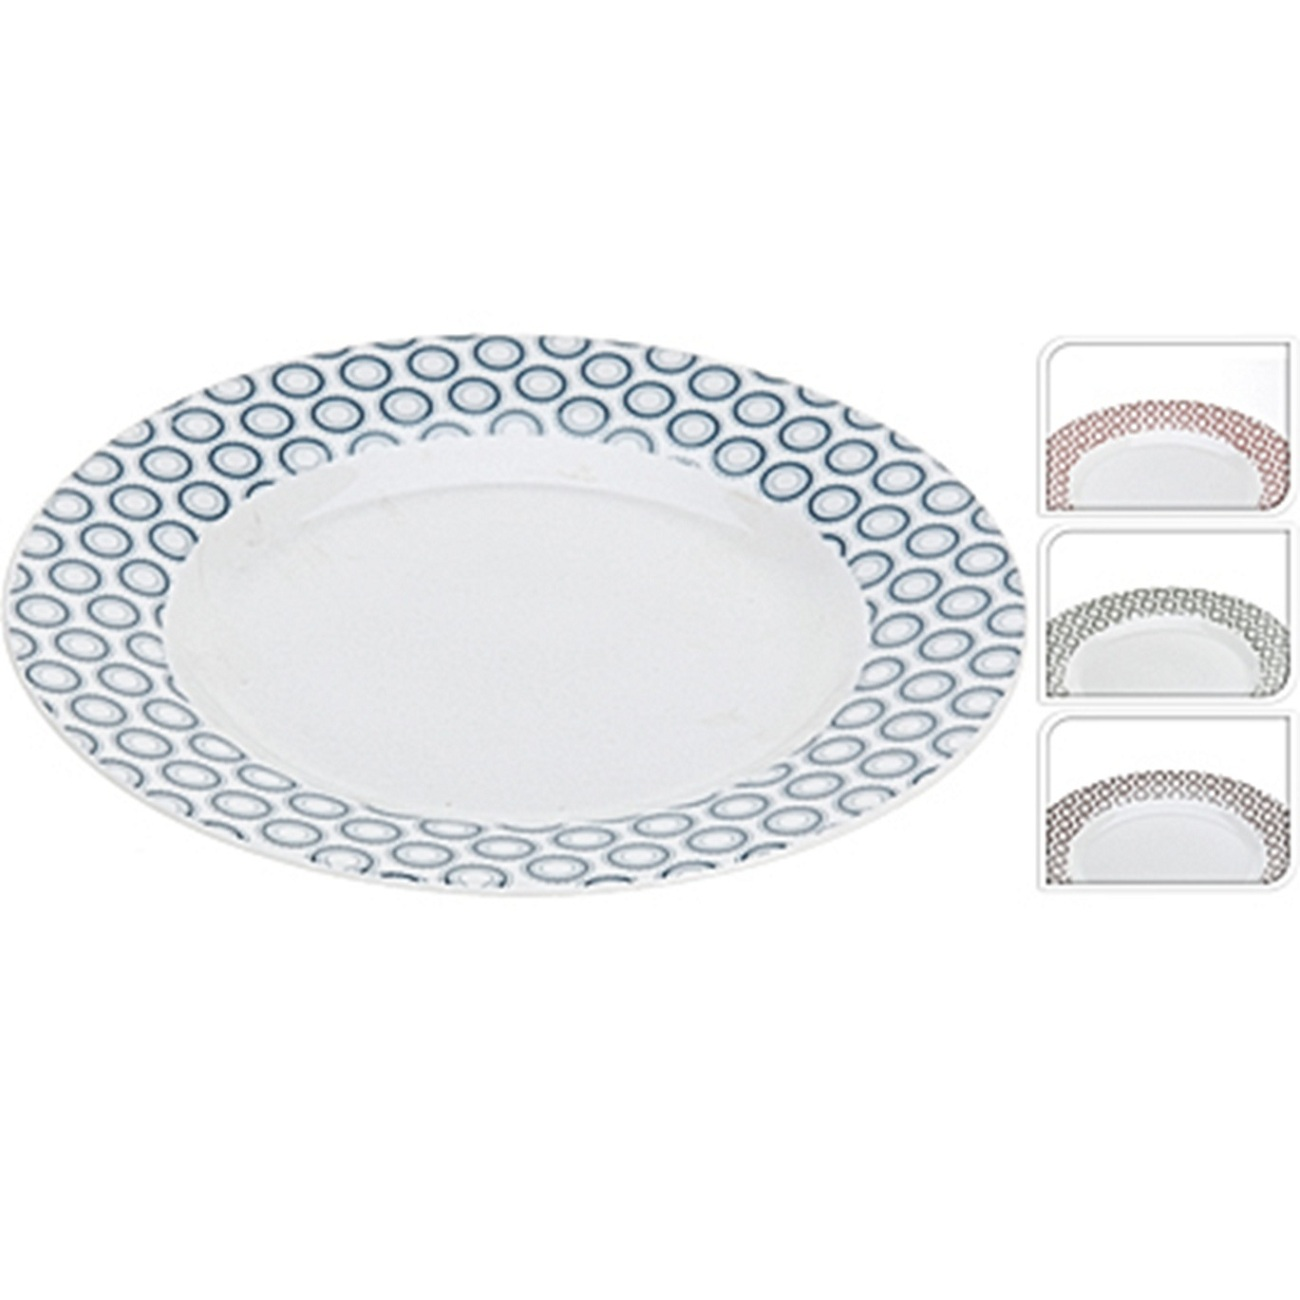 ТарелкаExcellent Houseware производит посуду и различные предметы для дома. Тарелка - аксессуар повседневного использования. Хорошая тарелка - качественная, стильная, и помимо своей основной функции еще и доставляет эстетическое удовольствие. Внимание! Выбрать цвет заранее не представляется возможным.<br>